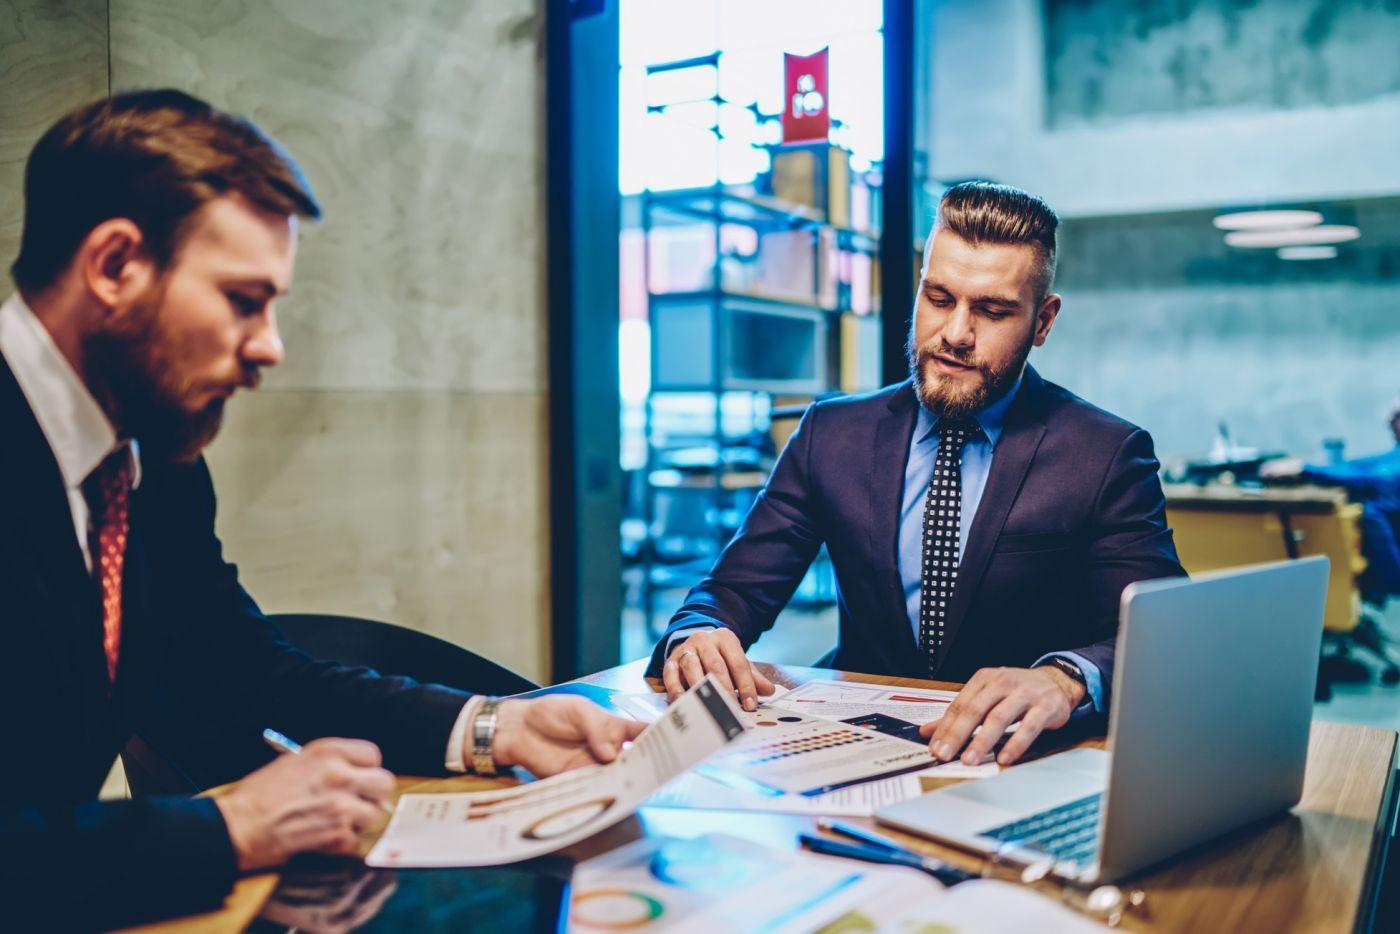 Dois homens fazendo reunião em uma sala